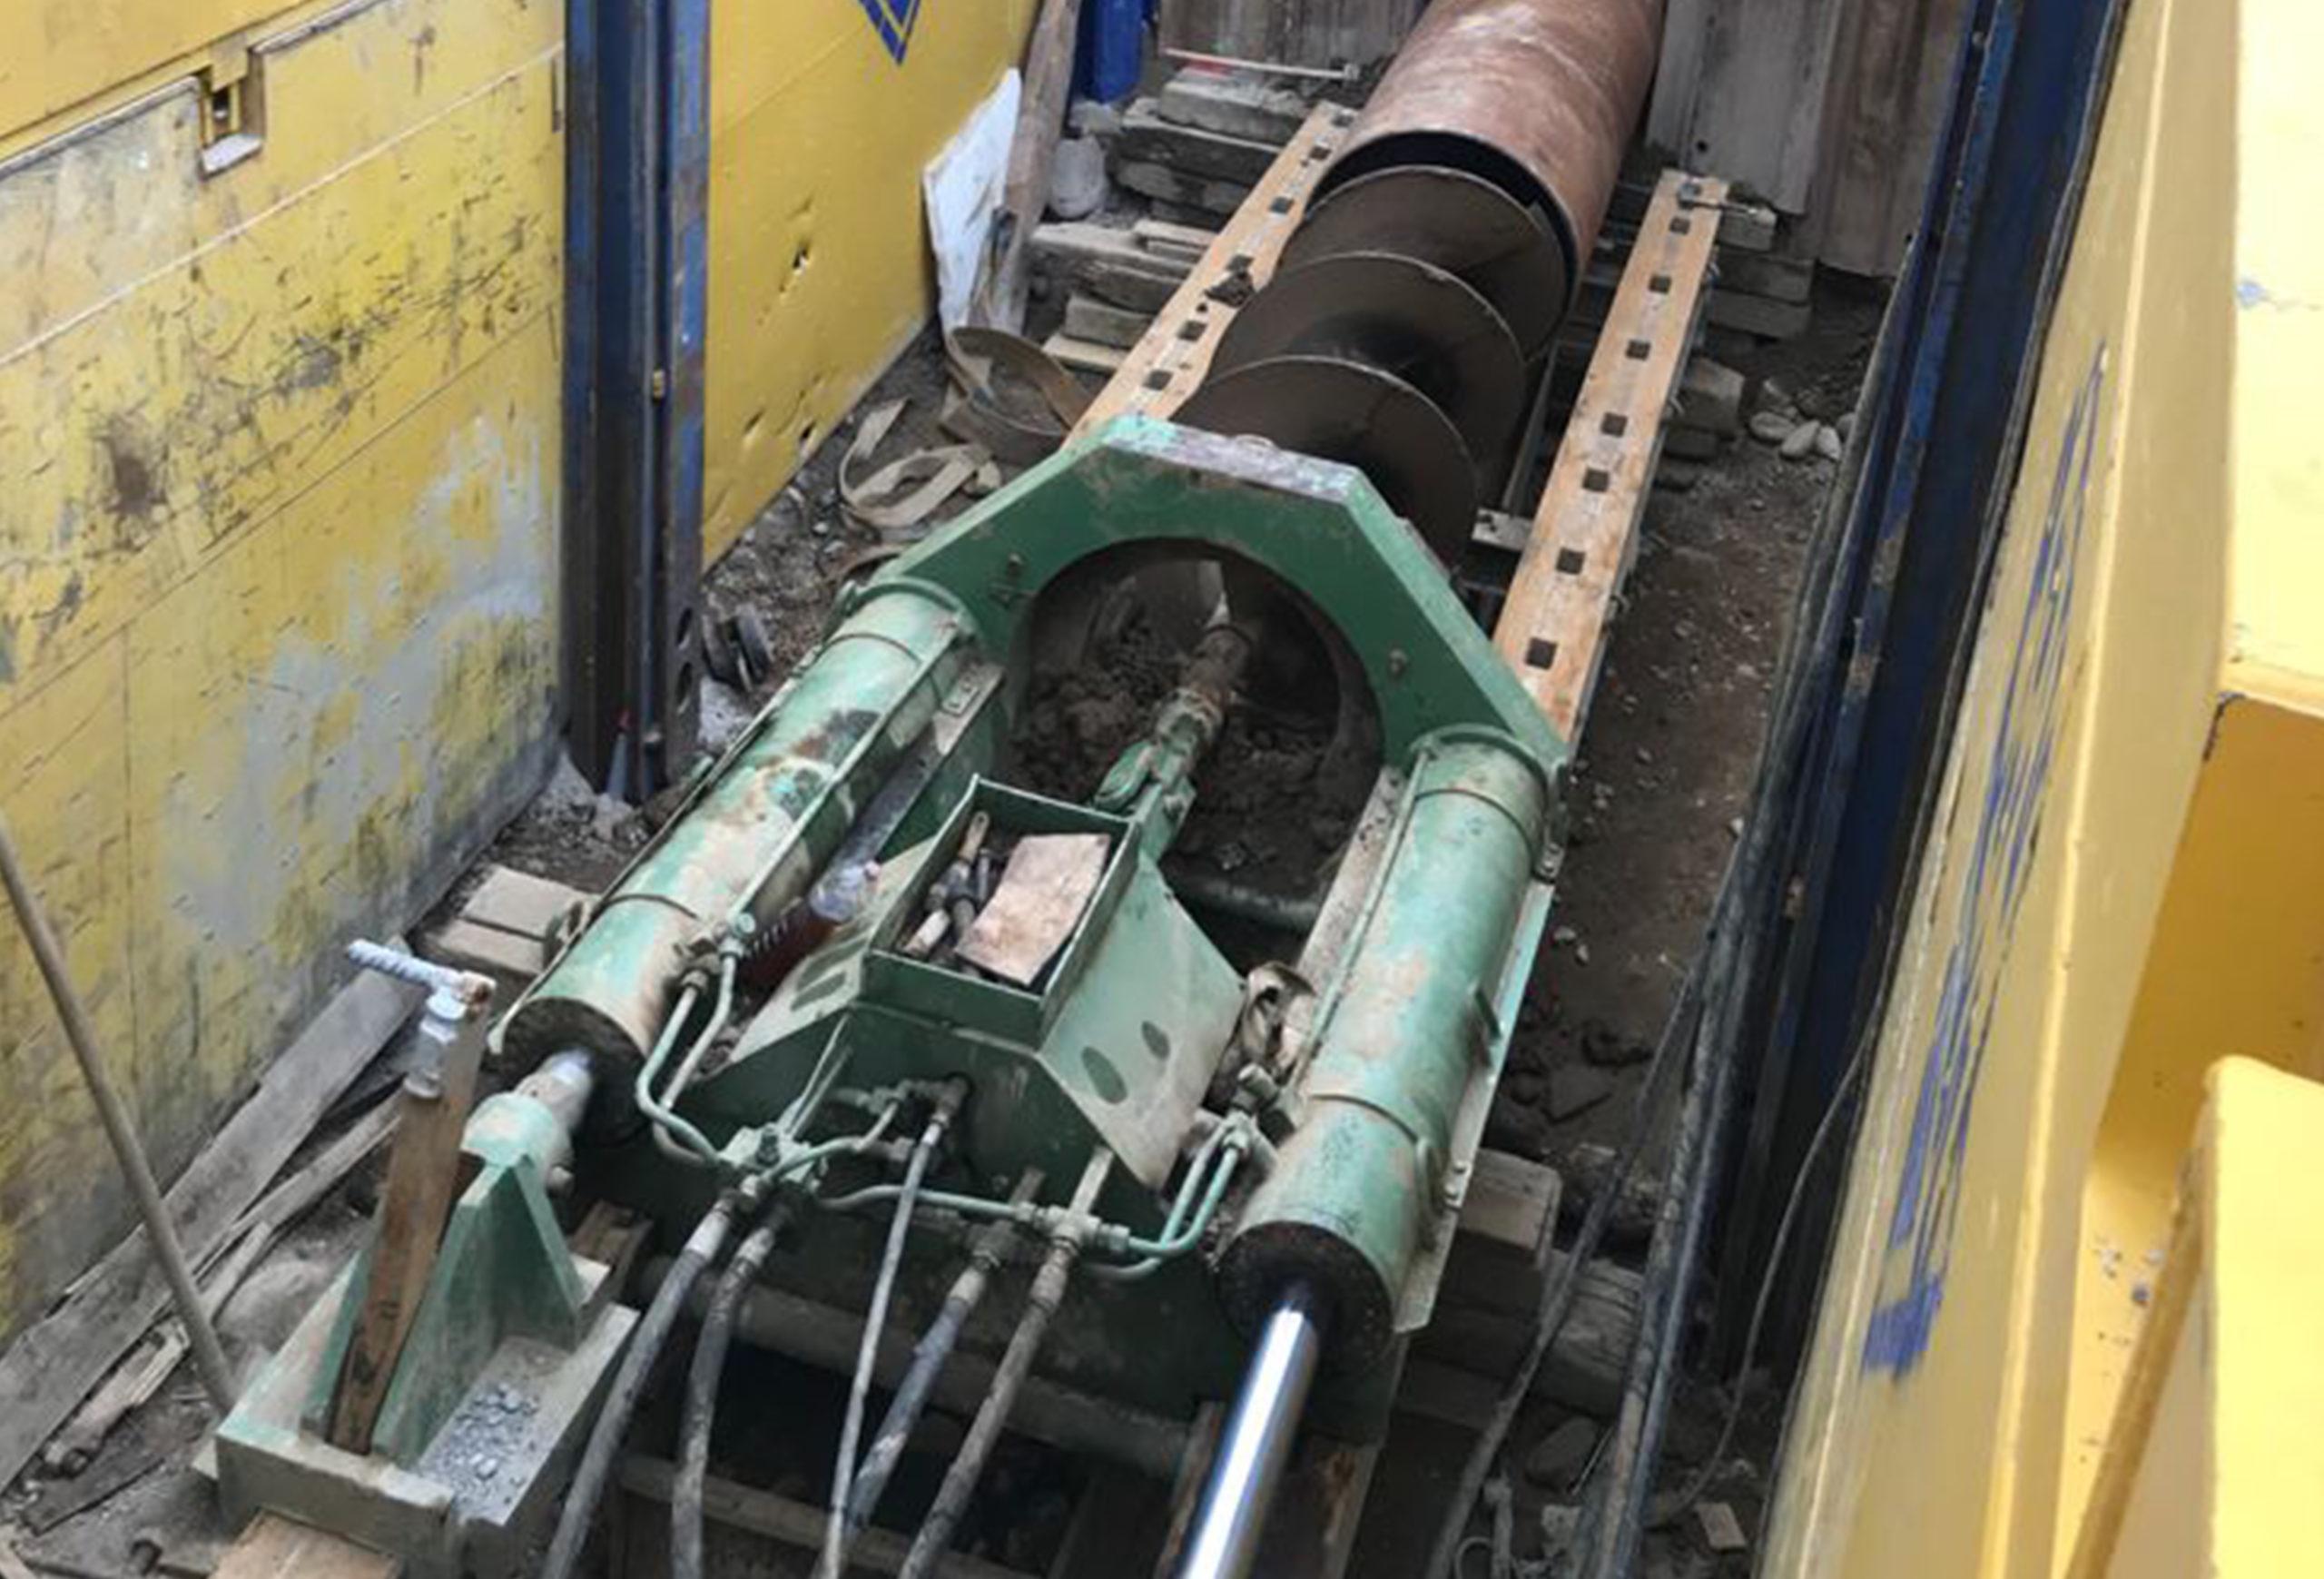 spingitubo ferroviario Prog 4542-1 Cap Holding